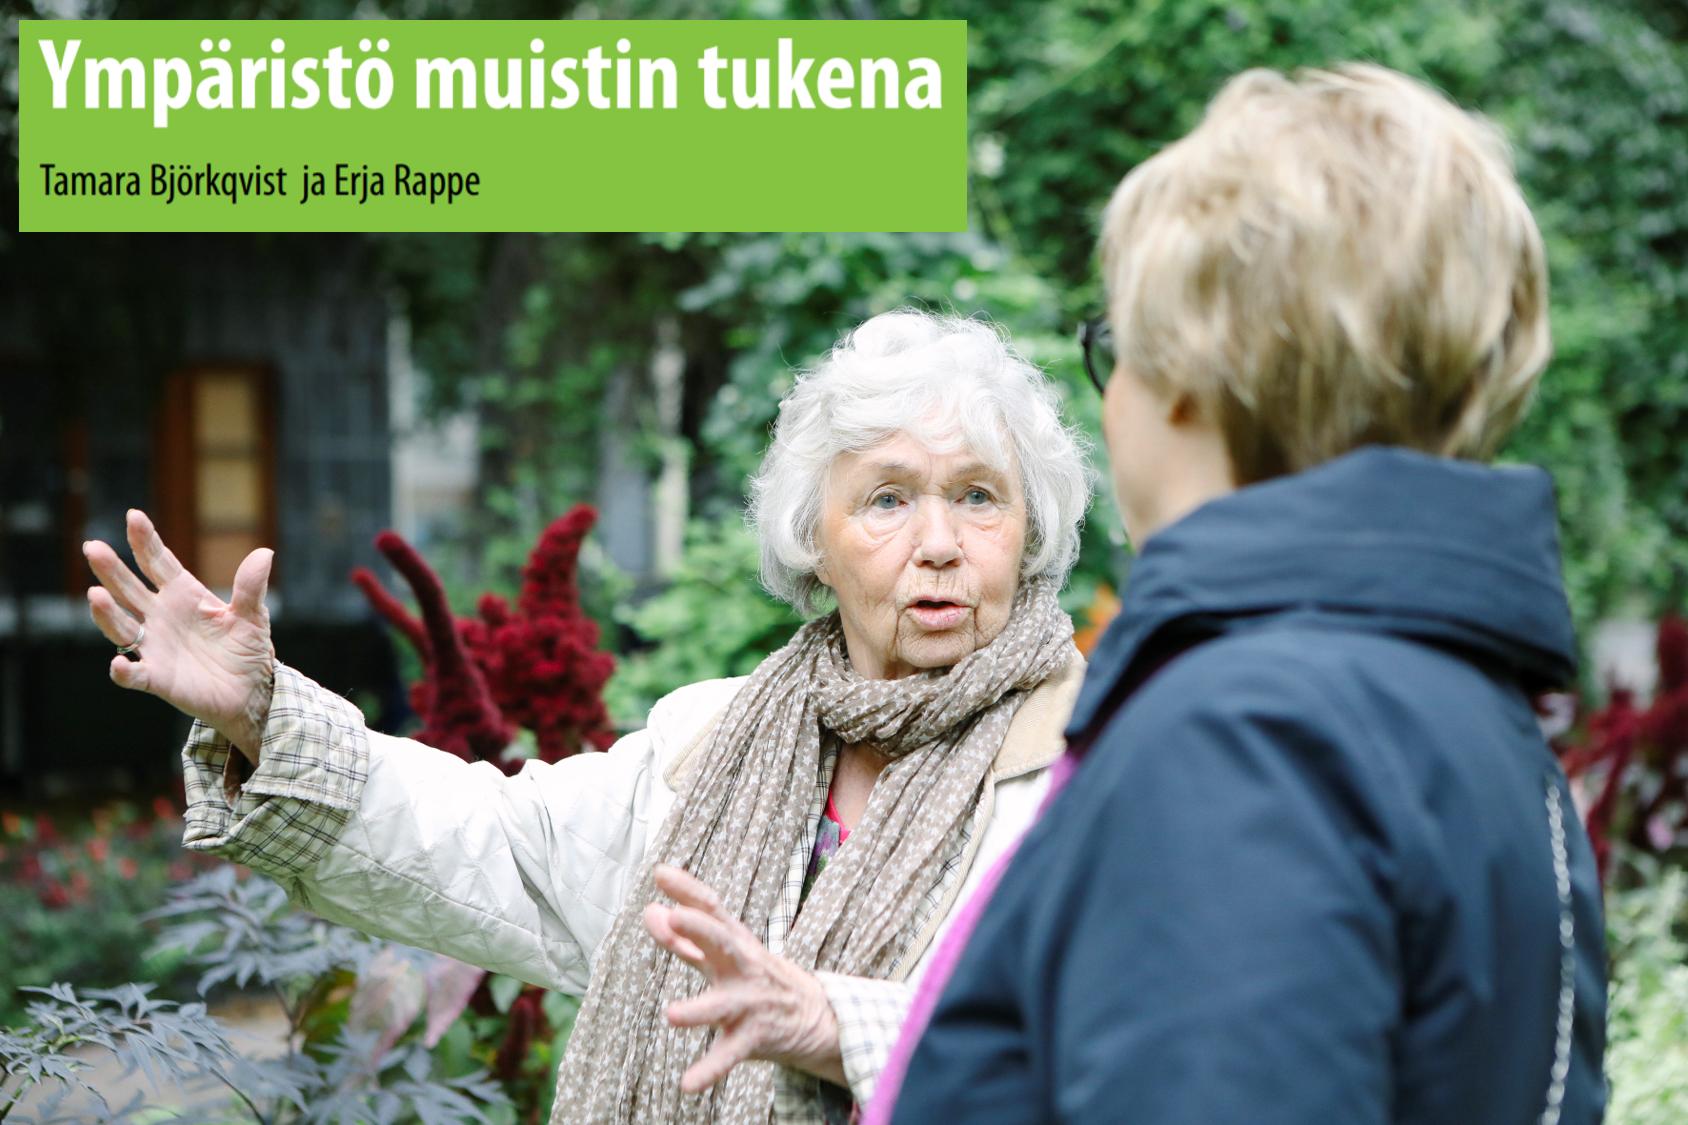 muistisairas nainen ja hoitaja keskustelevat ulkona